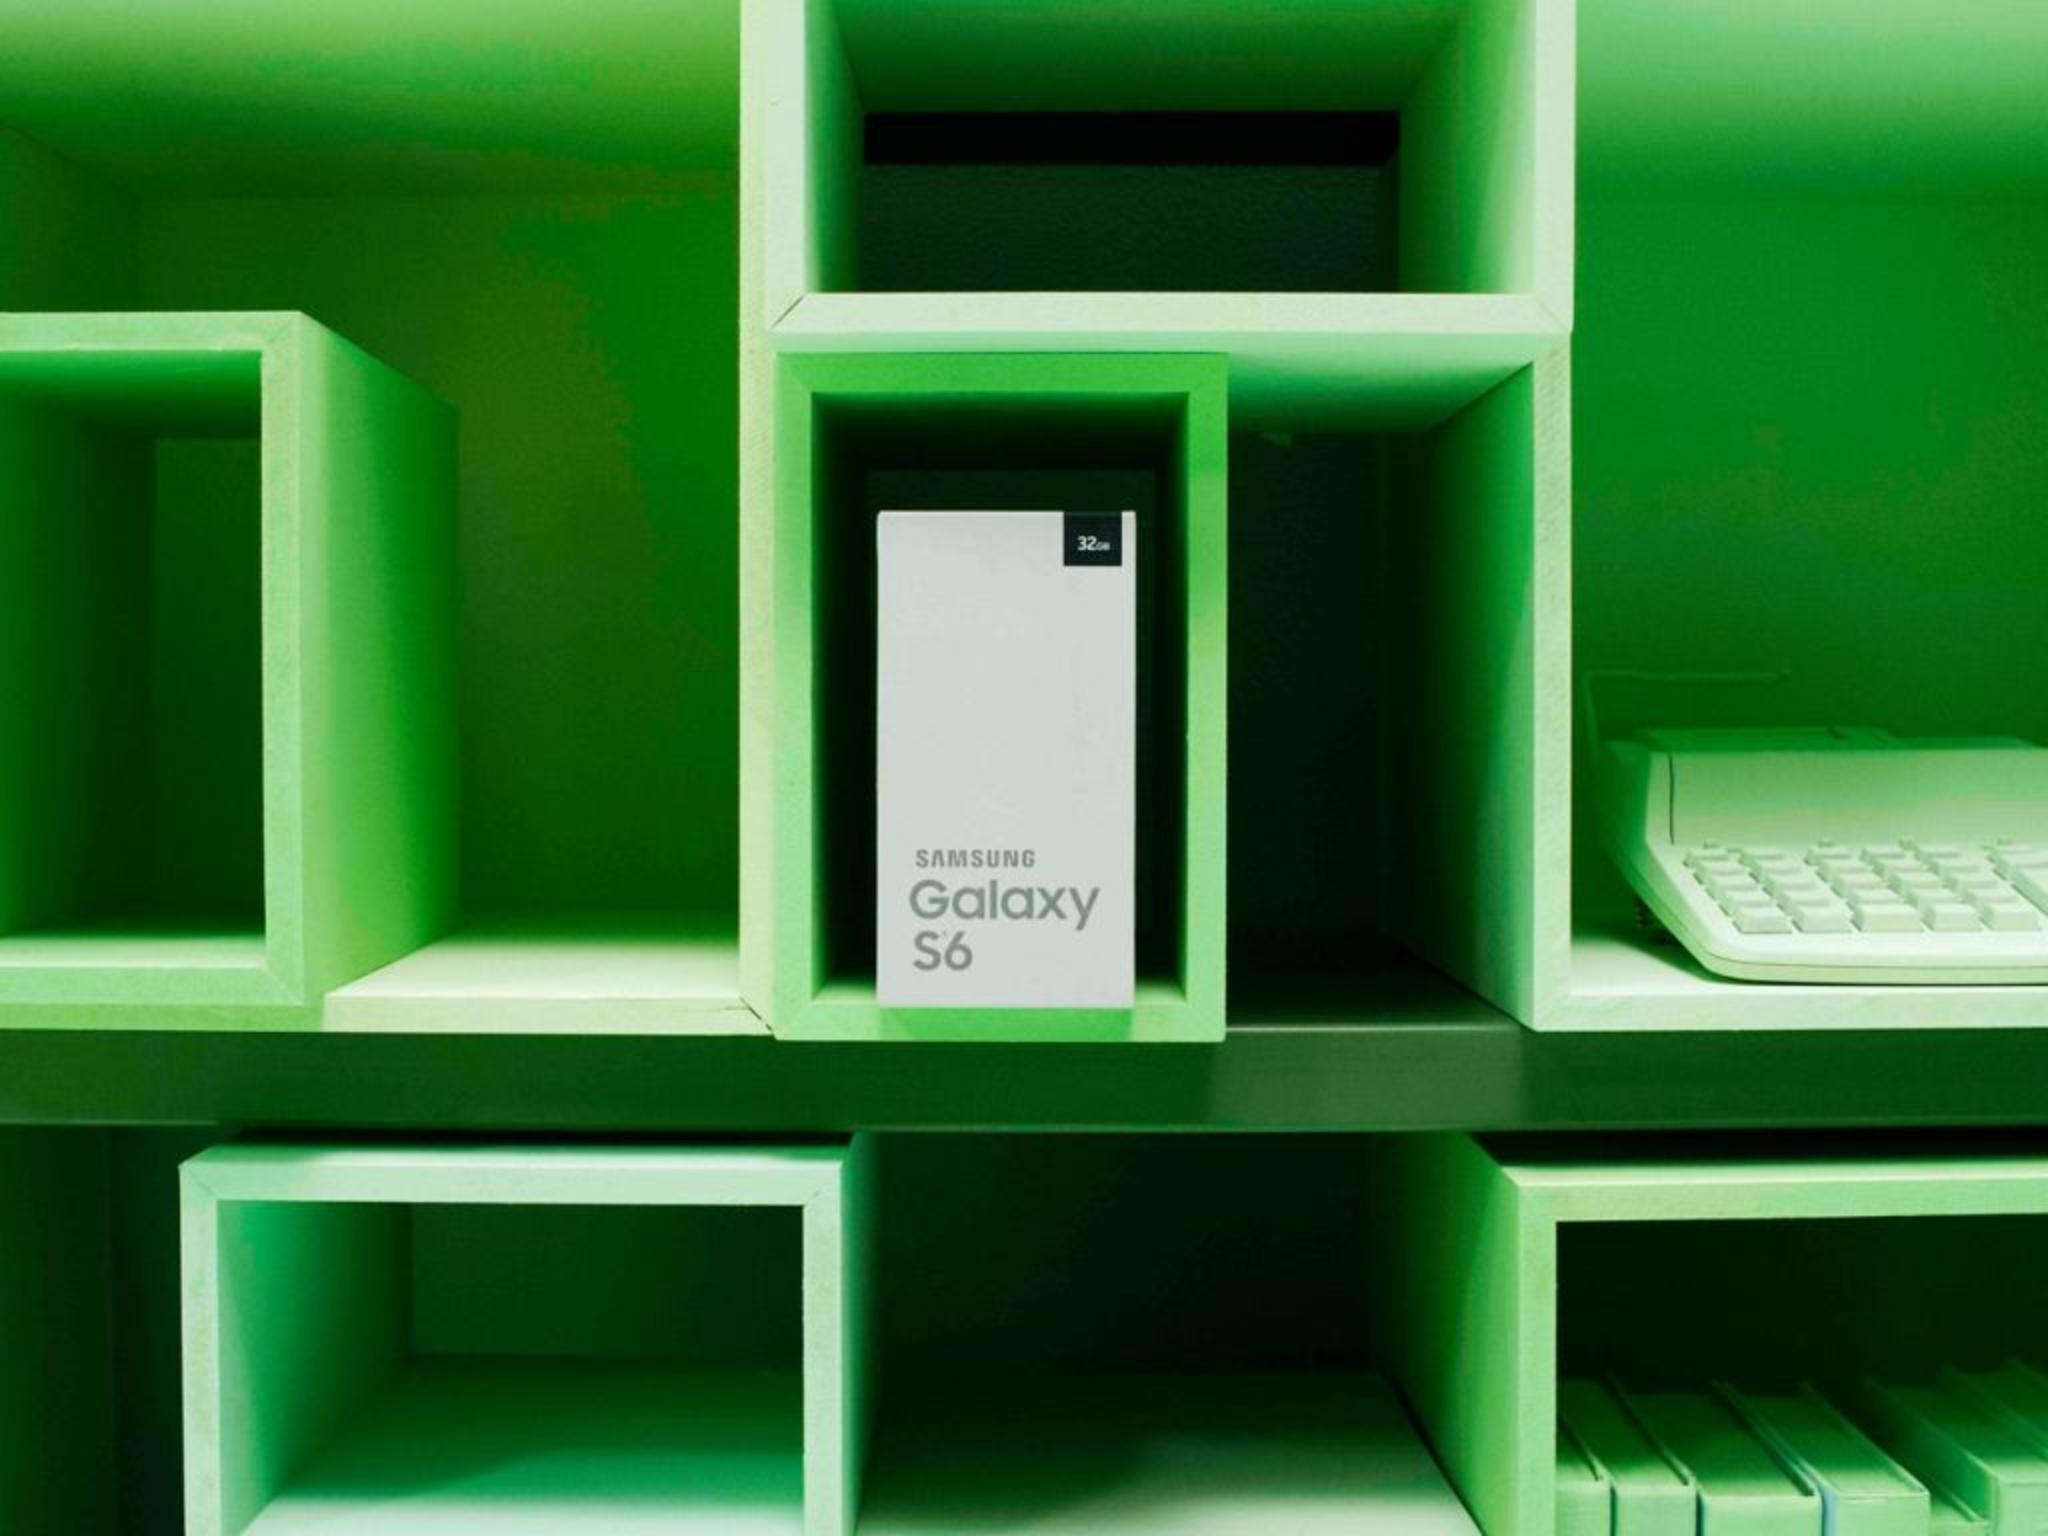 Samsung Galaxy S6 Mini Release Zeitgleich Mit Iphone 6c